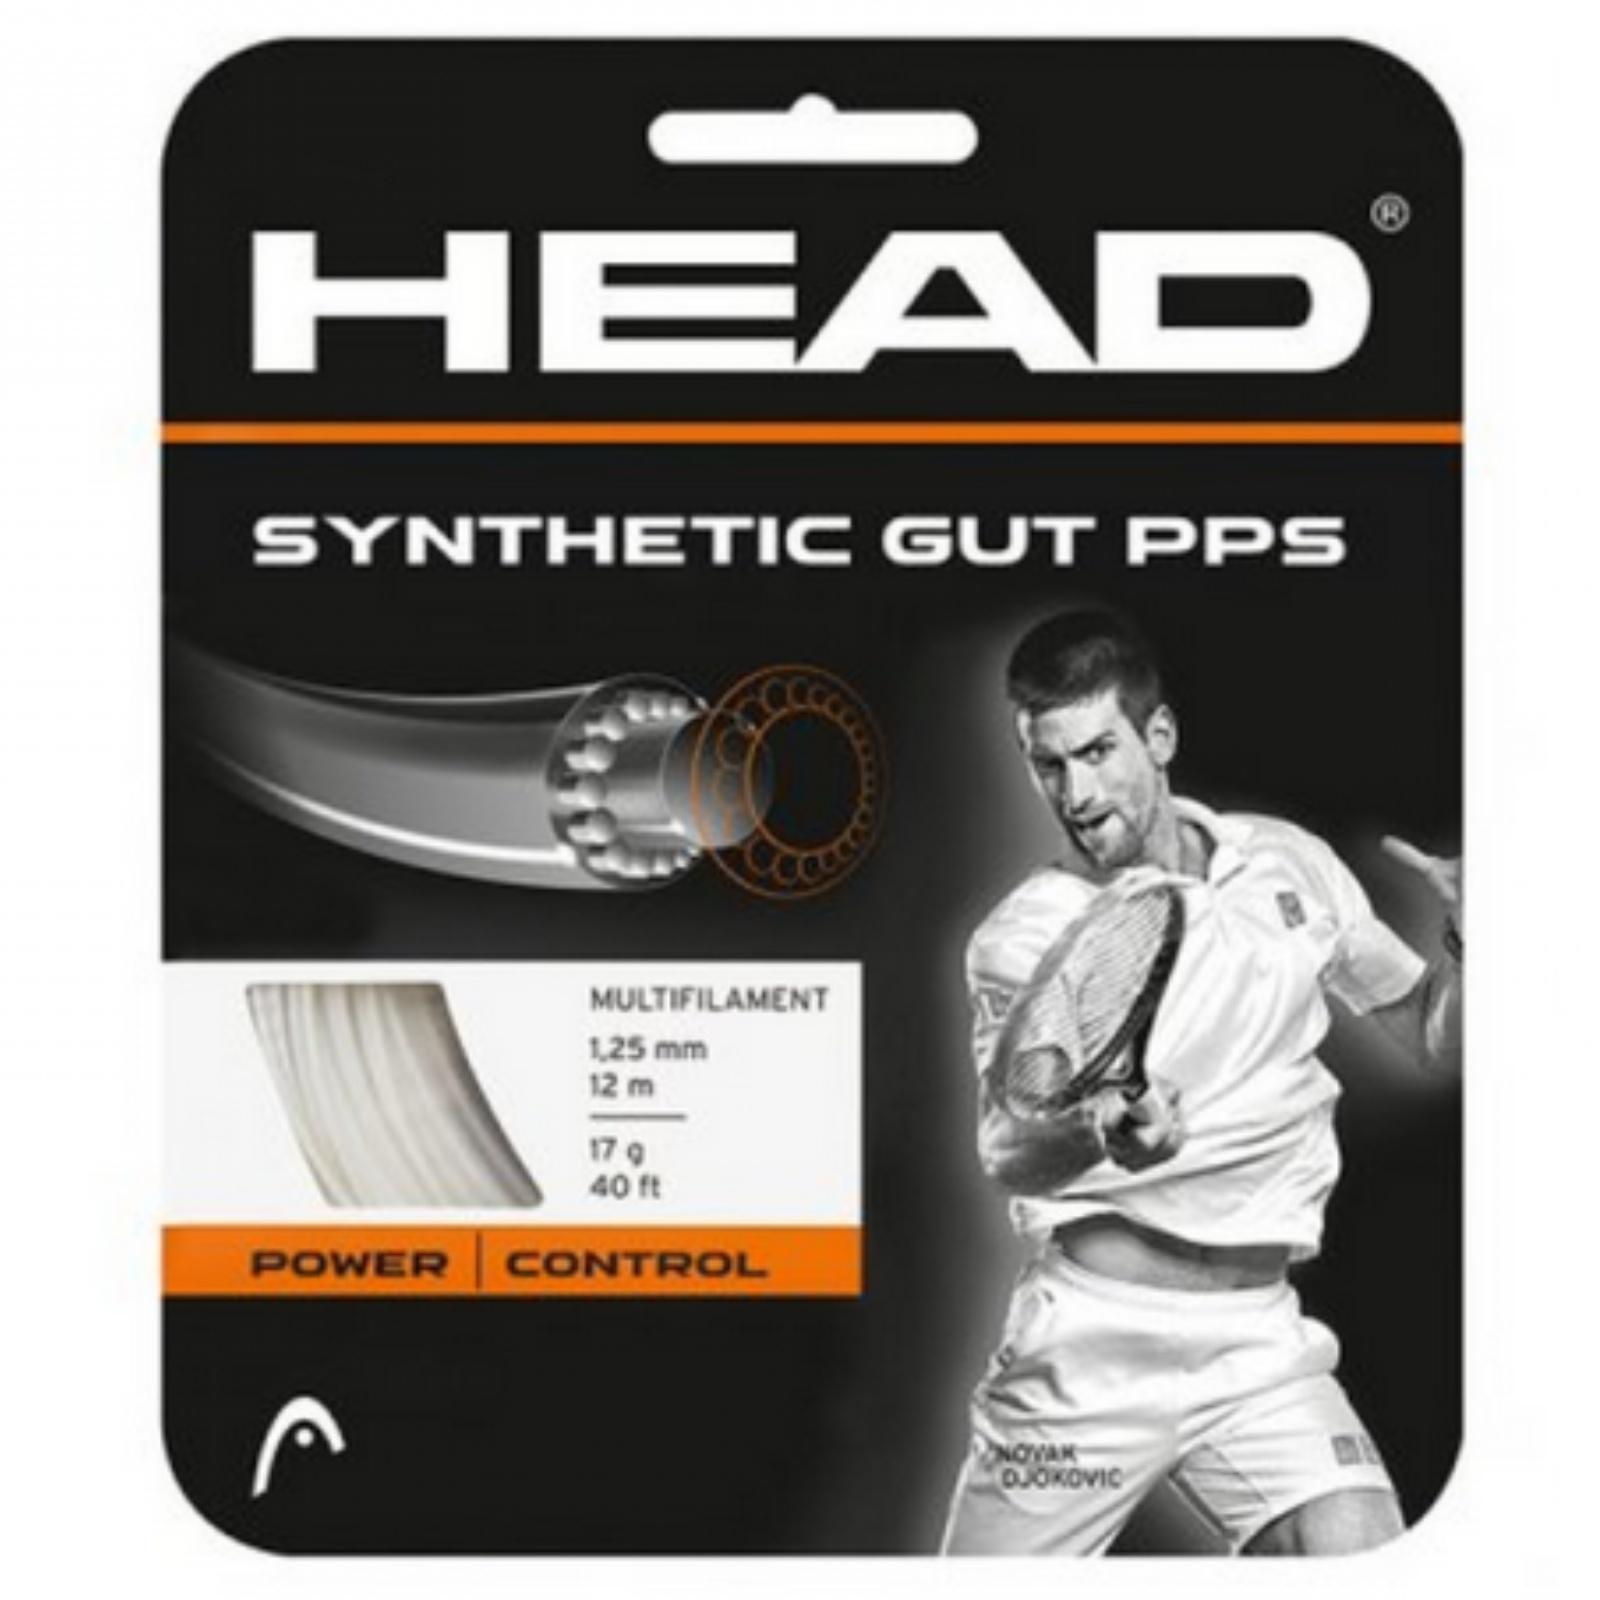 Tenisový výplet HEAD Synthetic Gut PPS 16g 1.30 mm zlatý